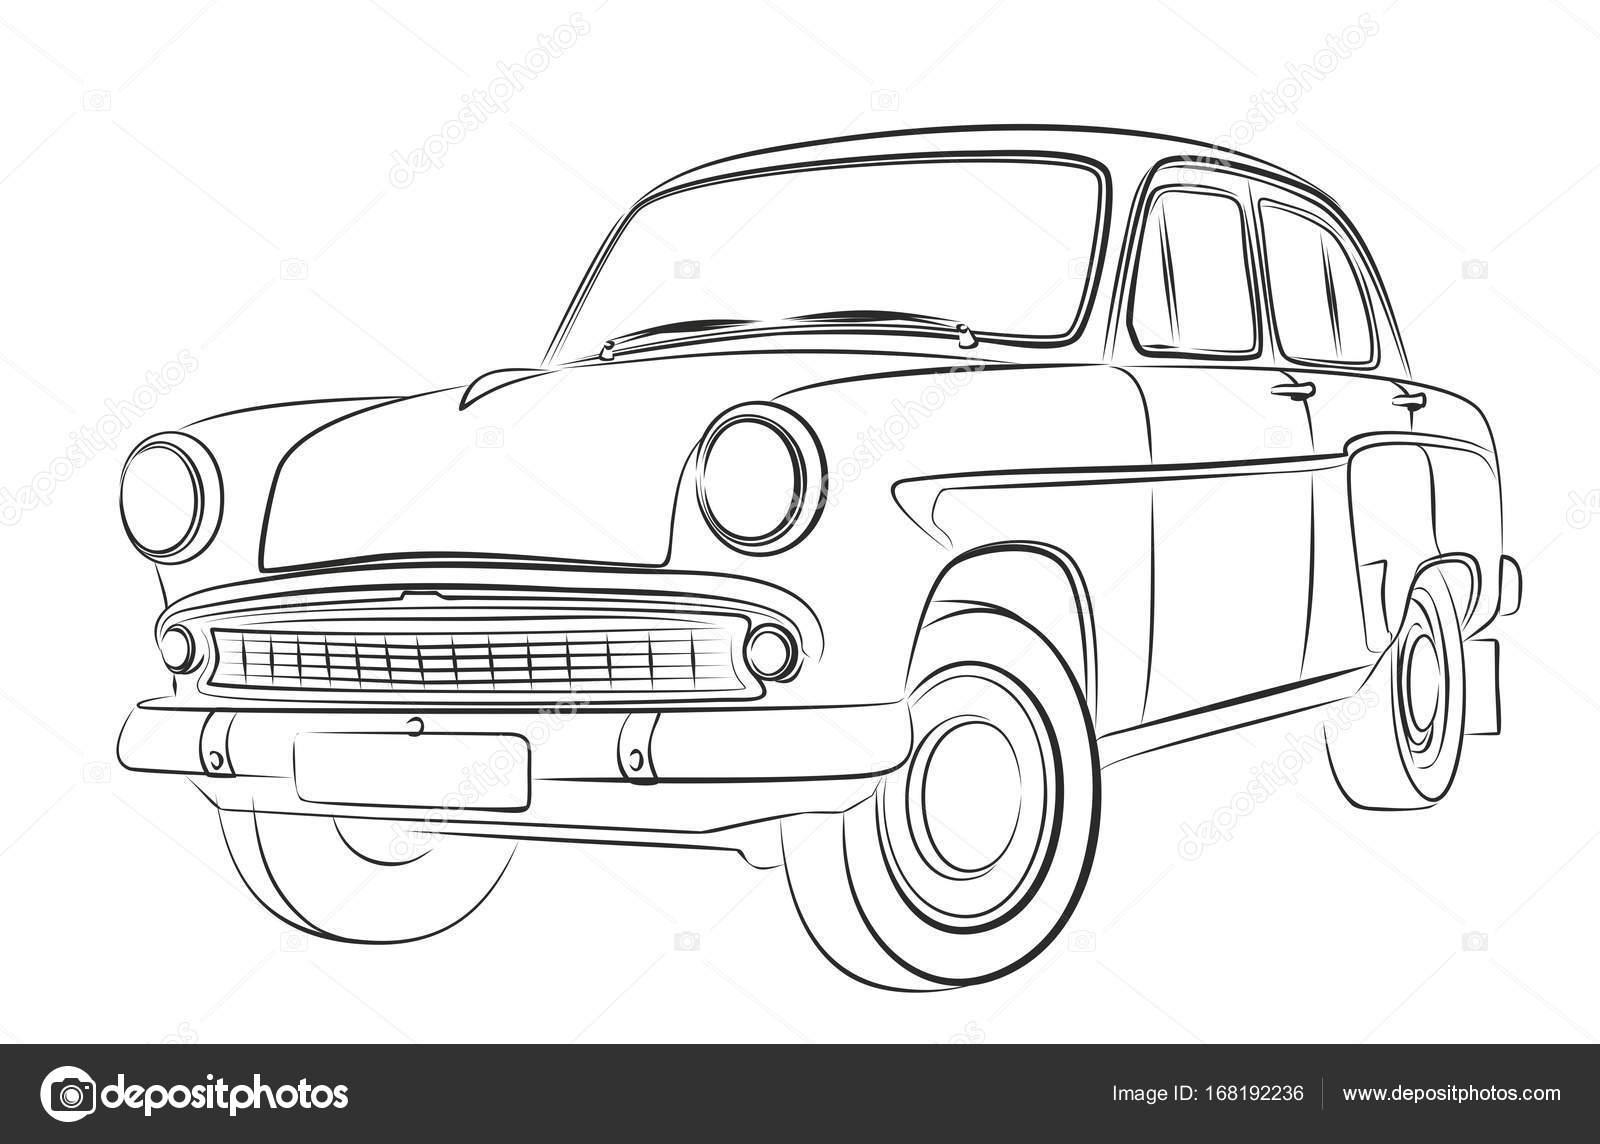 Ein Auto Skizze — Stockvektor © Designer_an #168192236